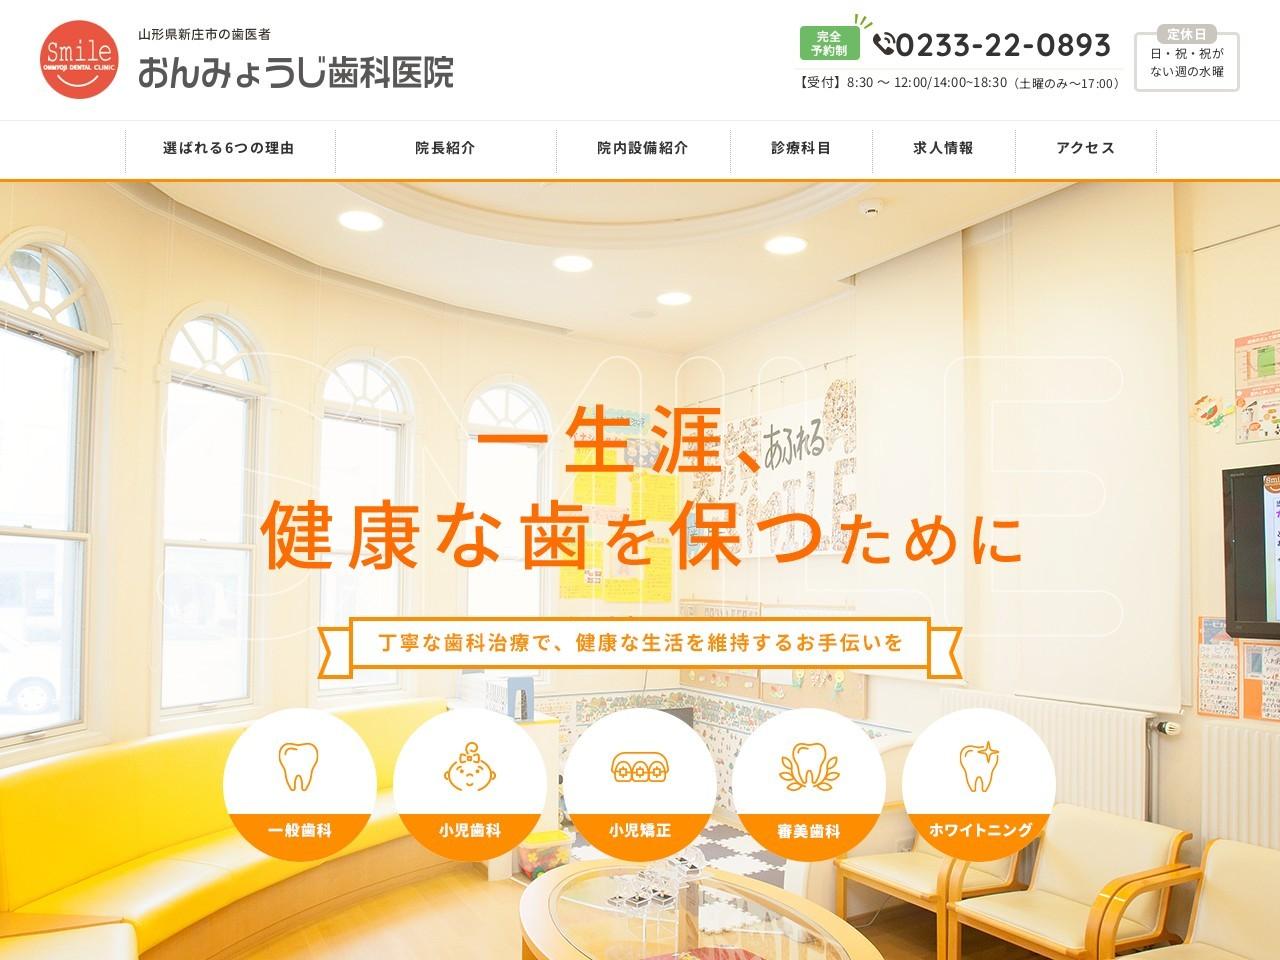 おんみょうじ歯科医院 (山形県新庄市)